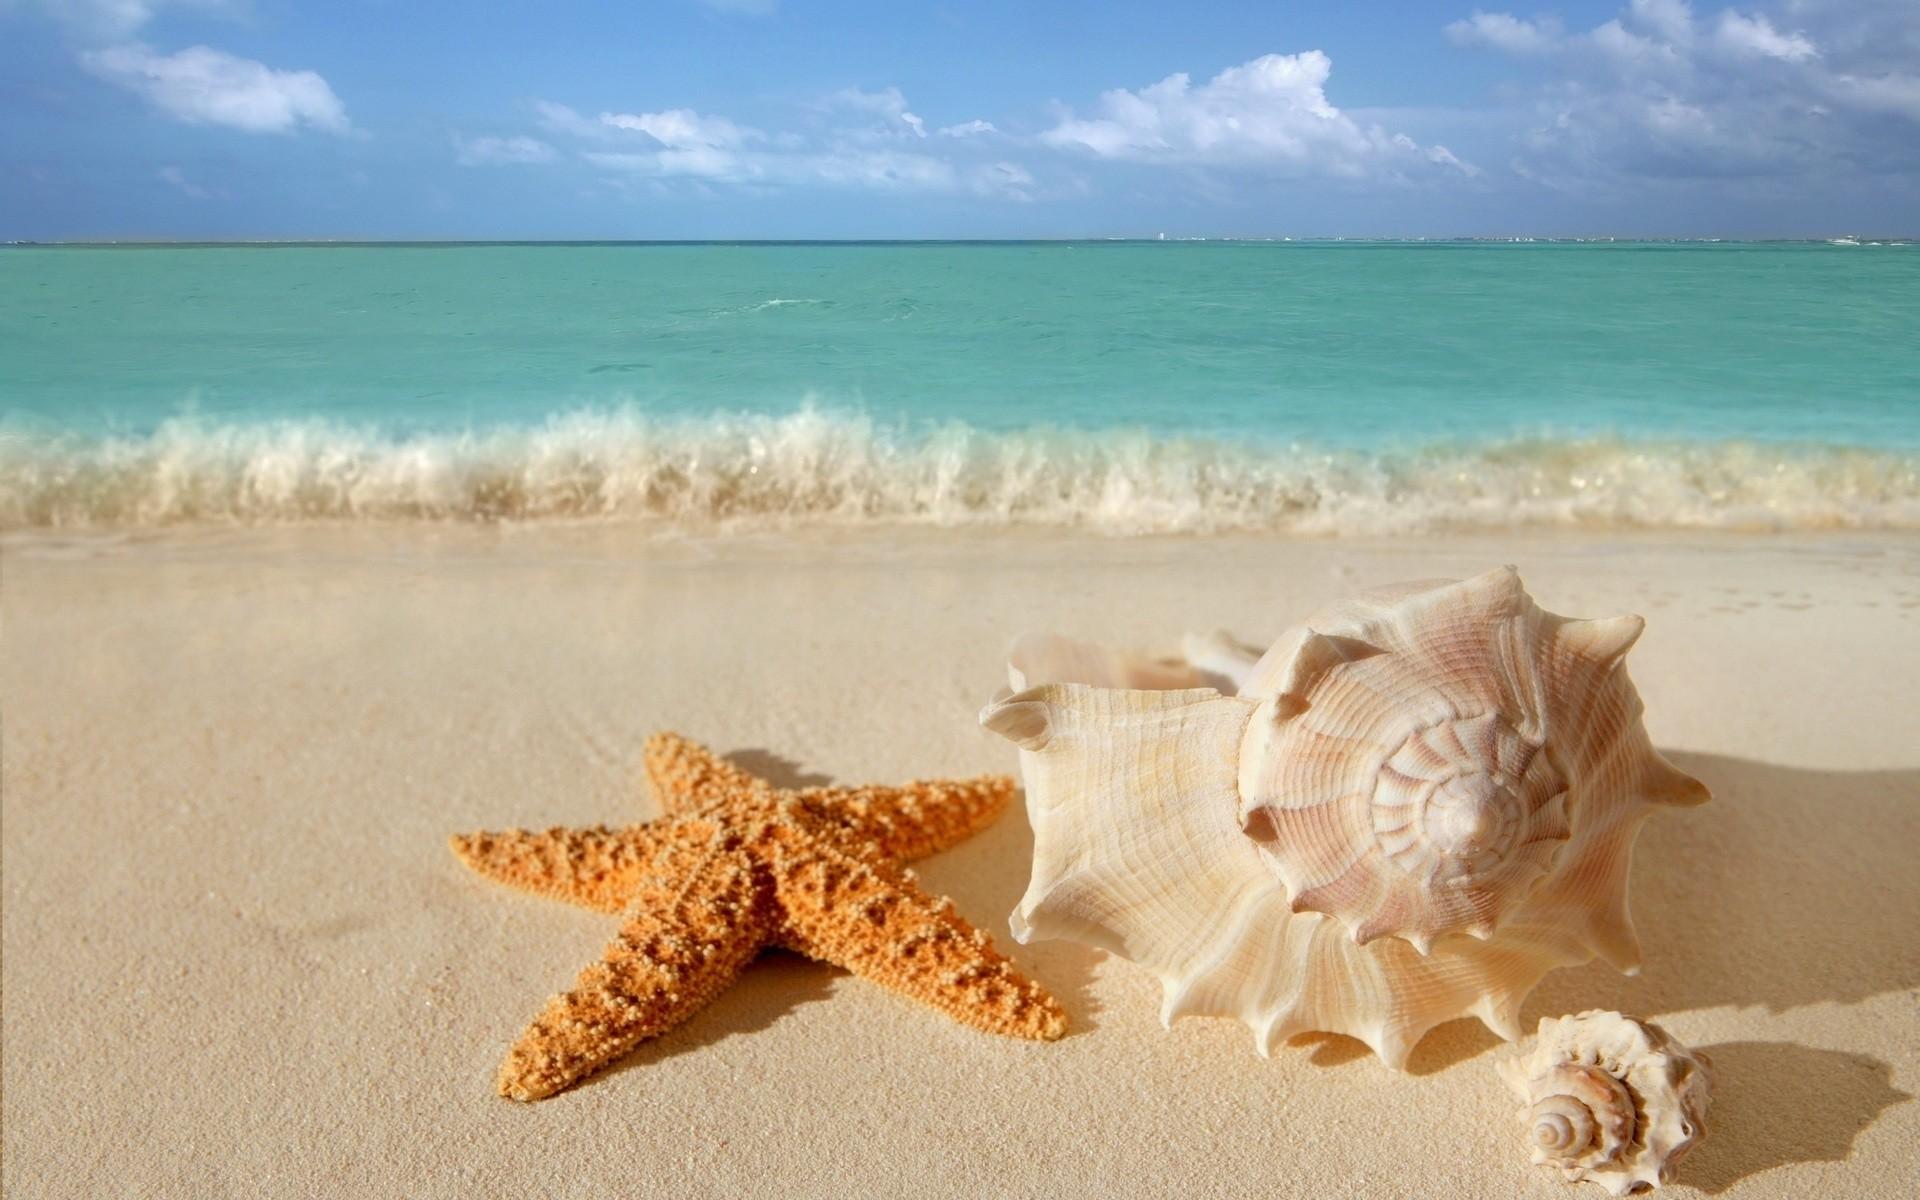 ヒトデと貝殻の浜辺 海辺をテーマにした壁紙 1600x1000 Wallpapertip